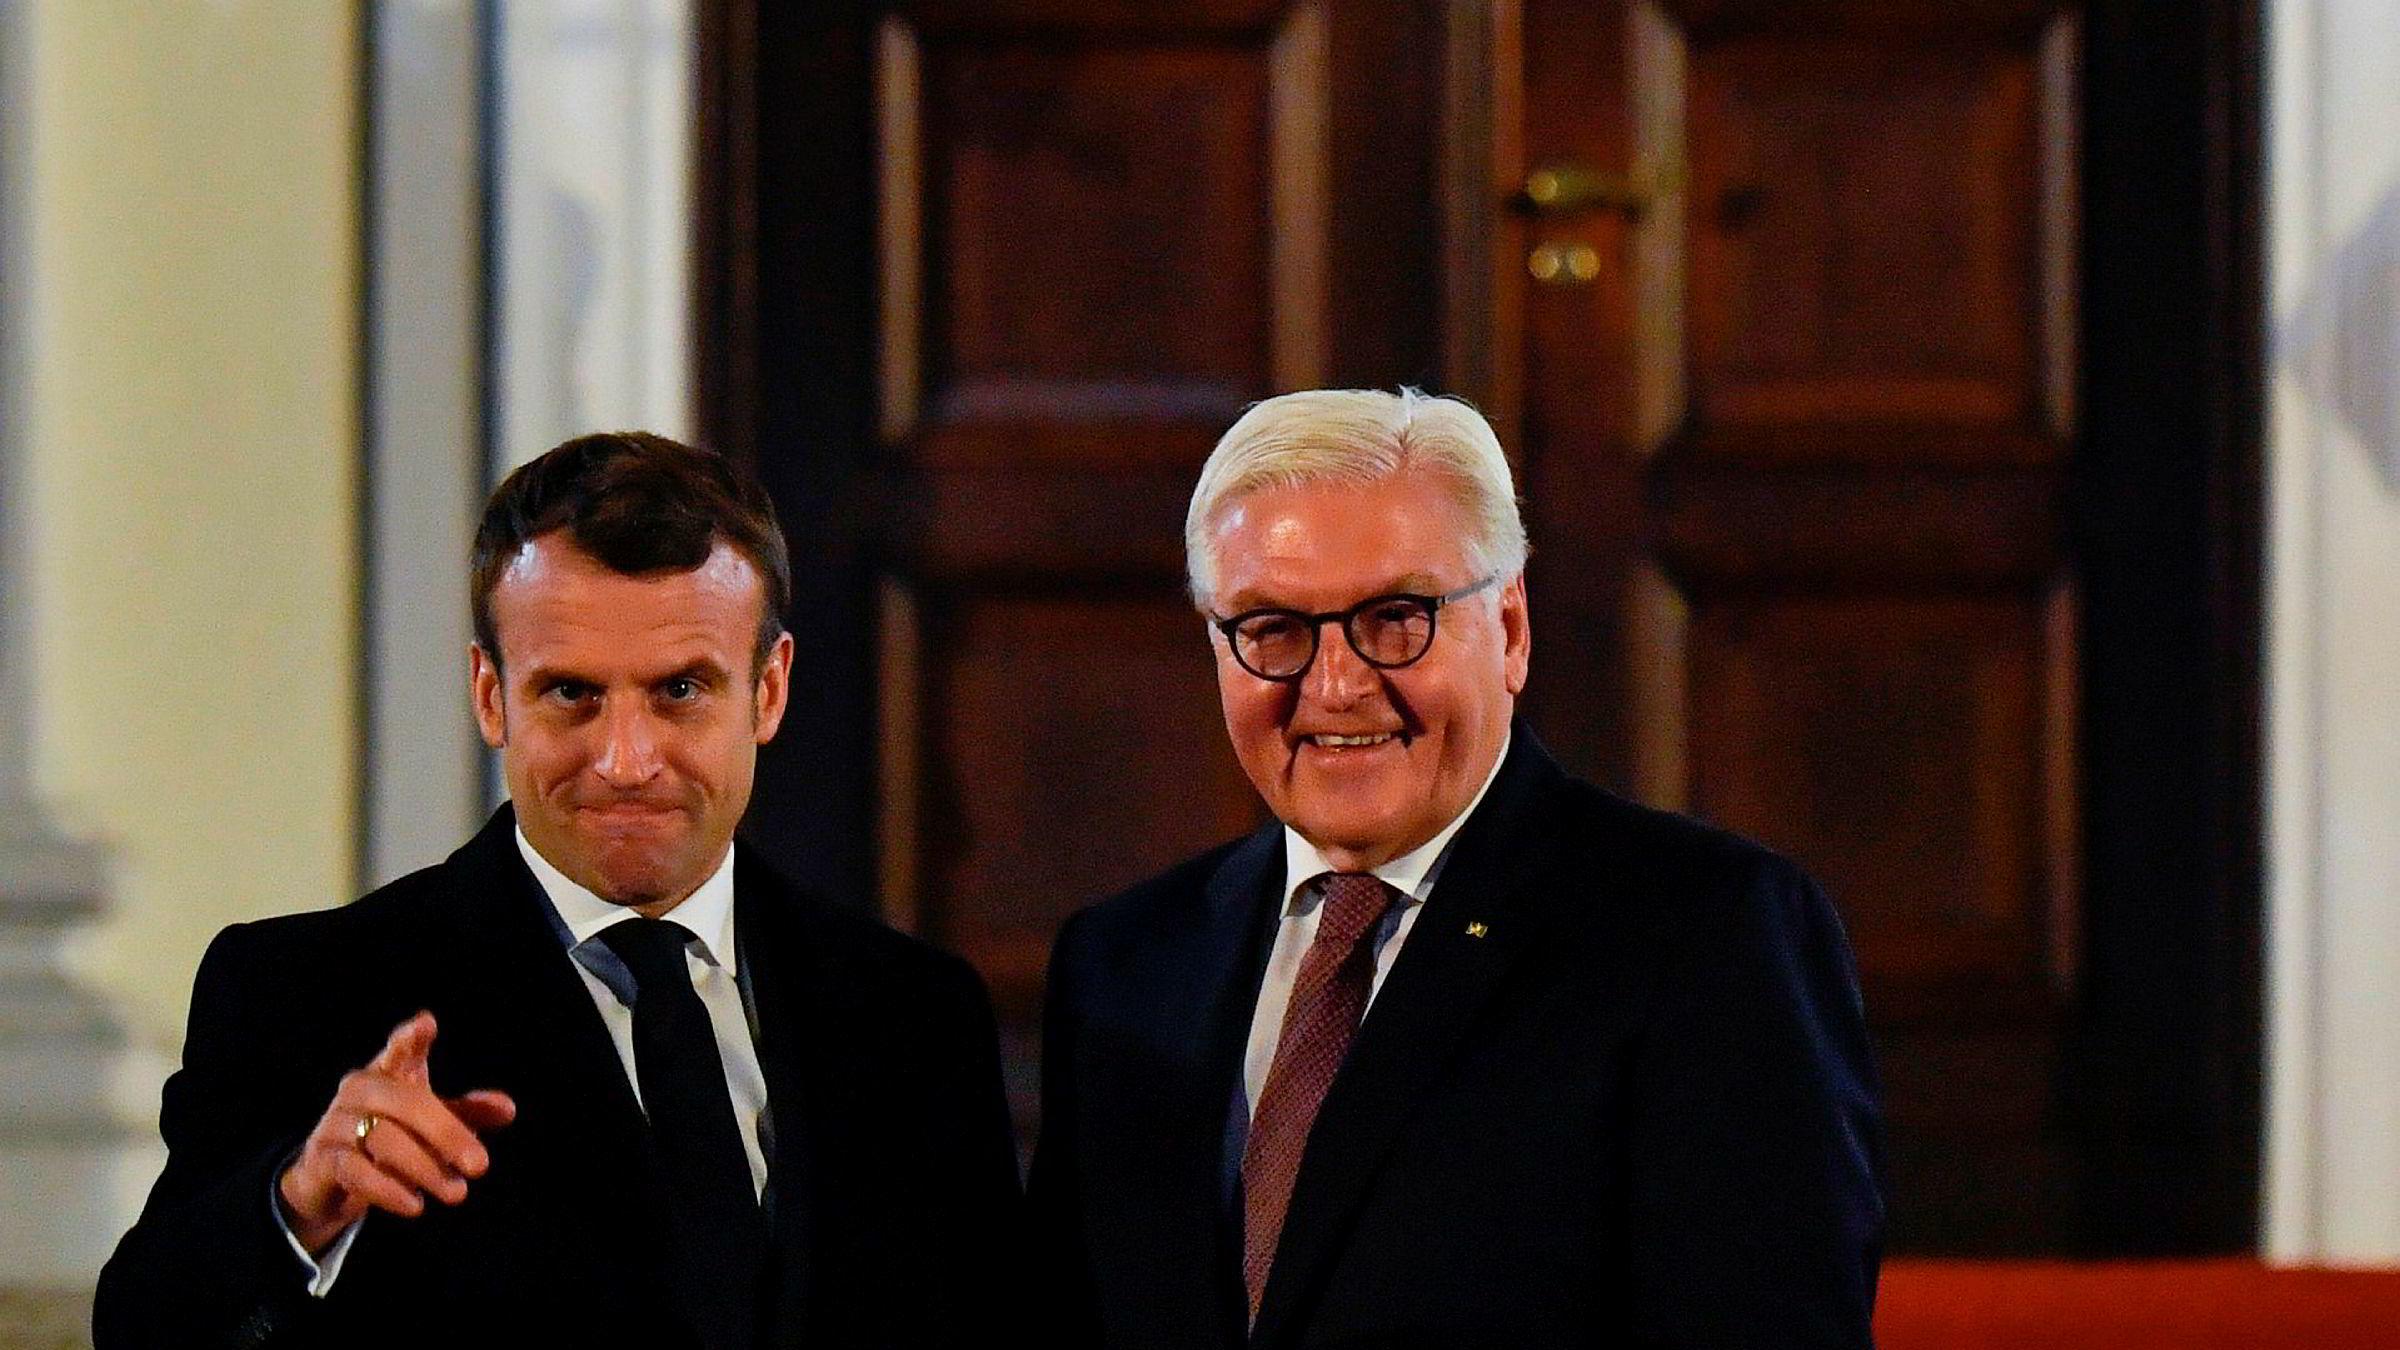 Tysklands president Frank-Walter Steinmeier (til høyre) ønsket den franske presidenten Emmanuel Macron velkommen i Berlin sist søndag.